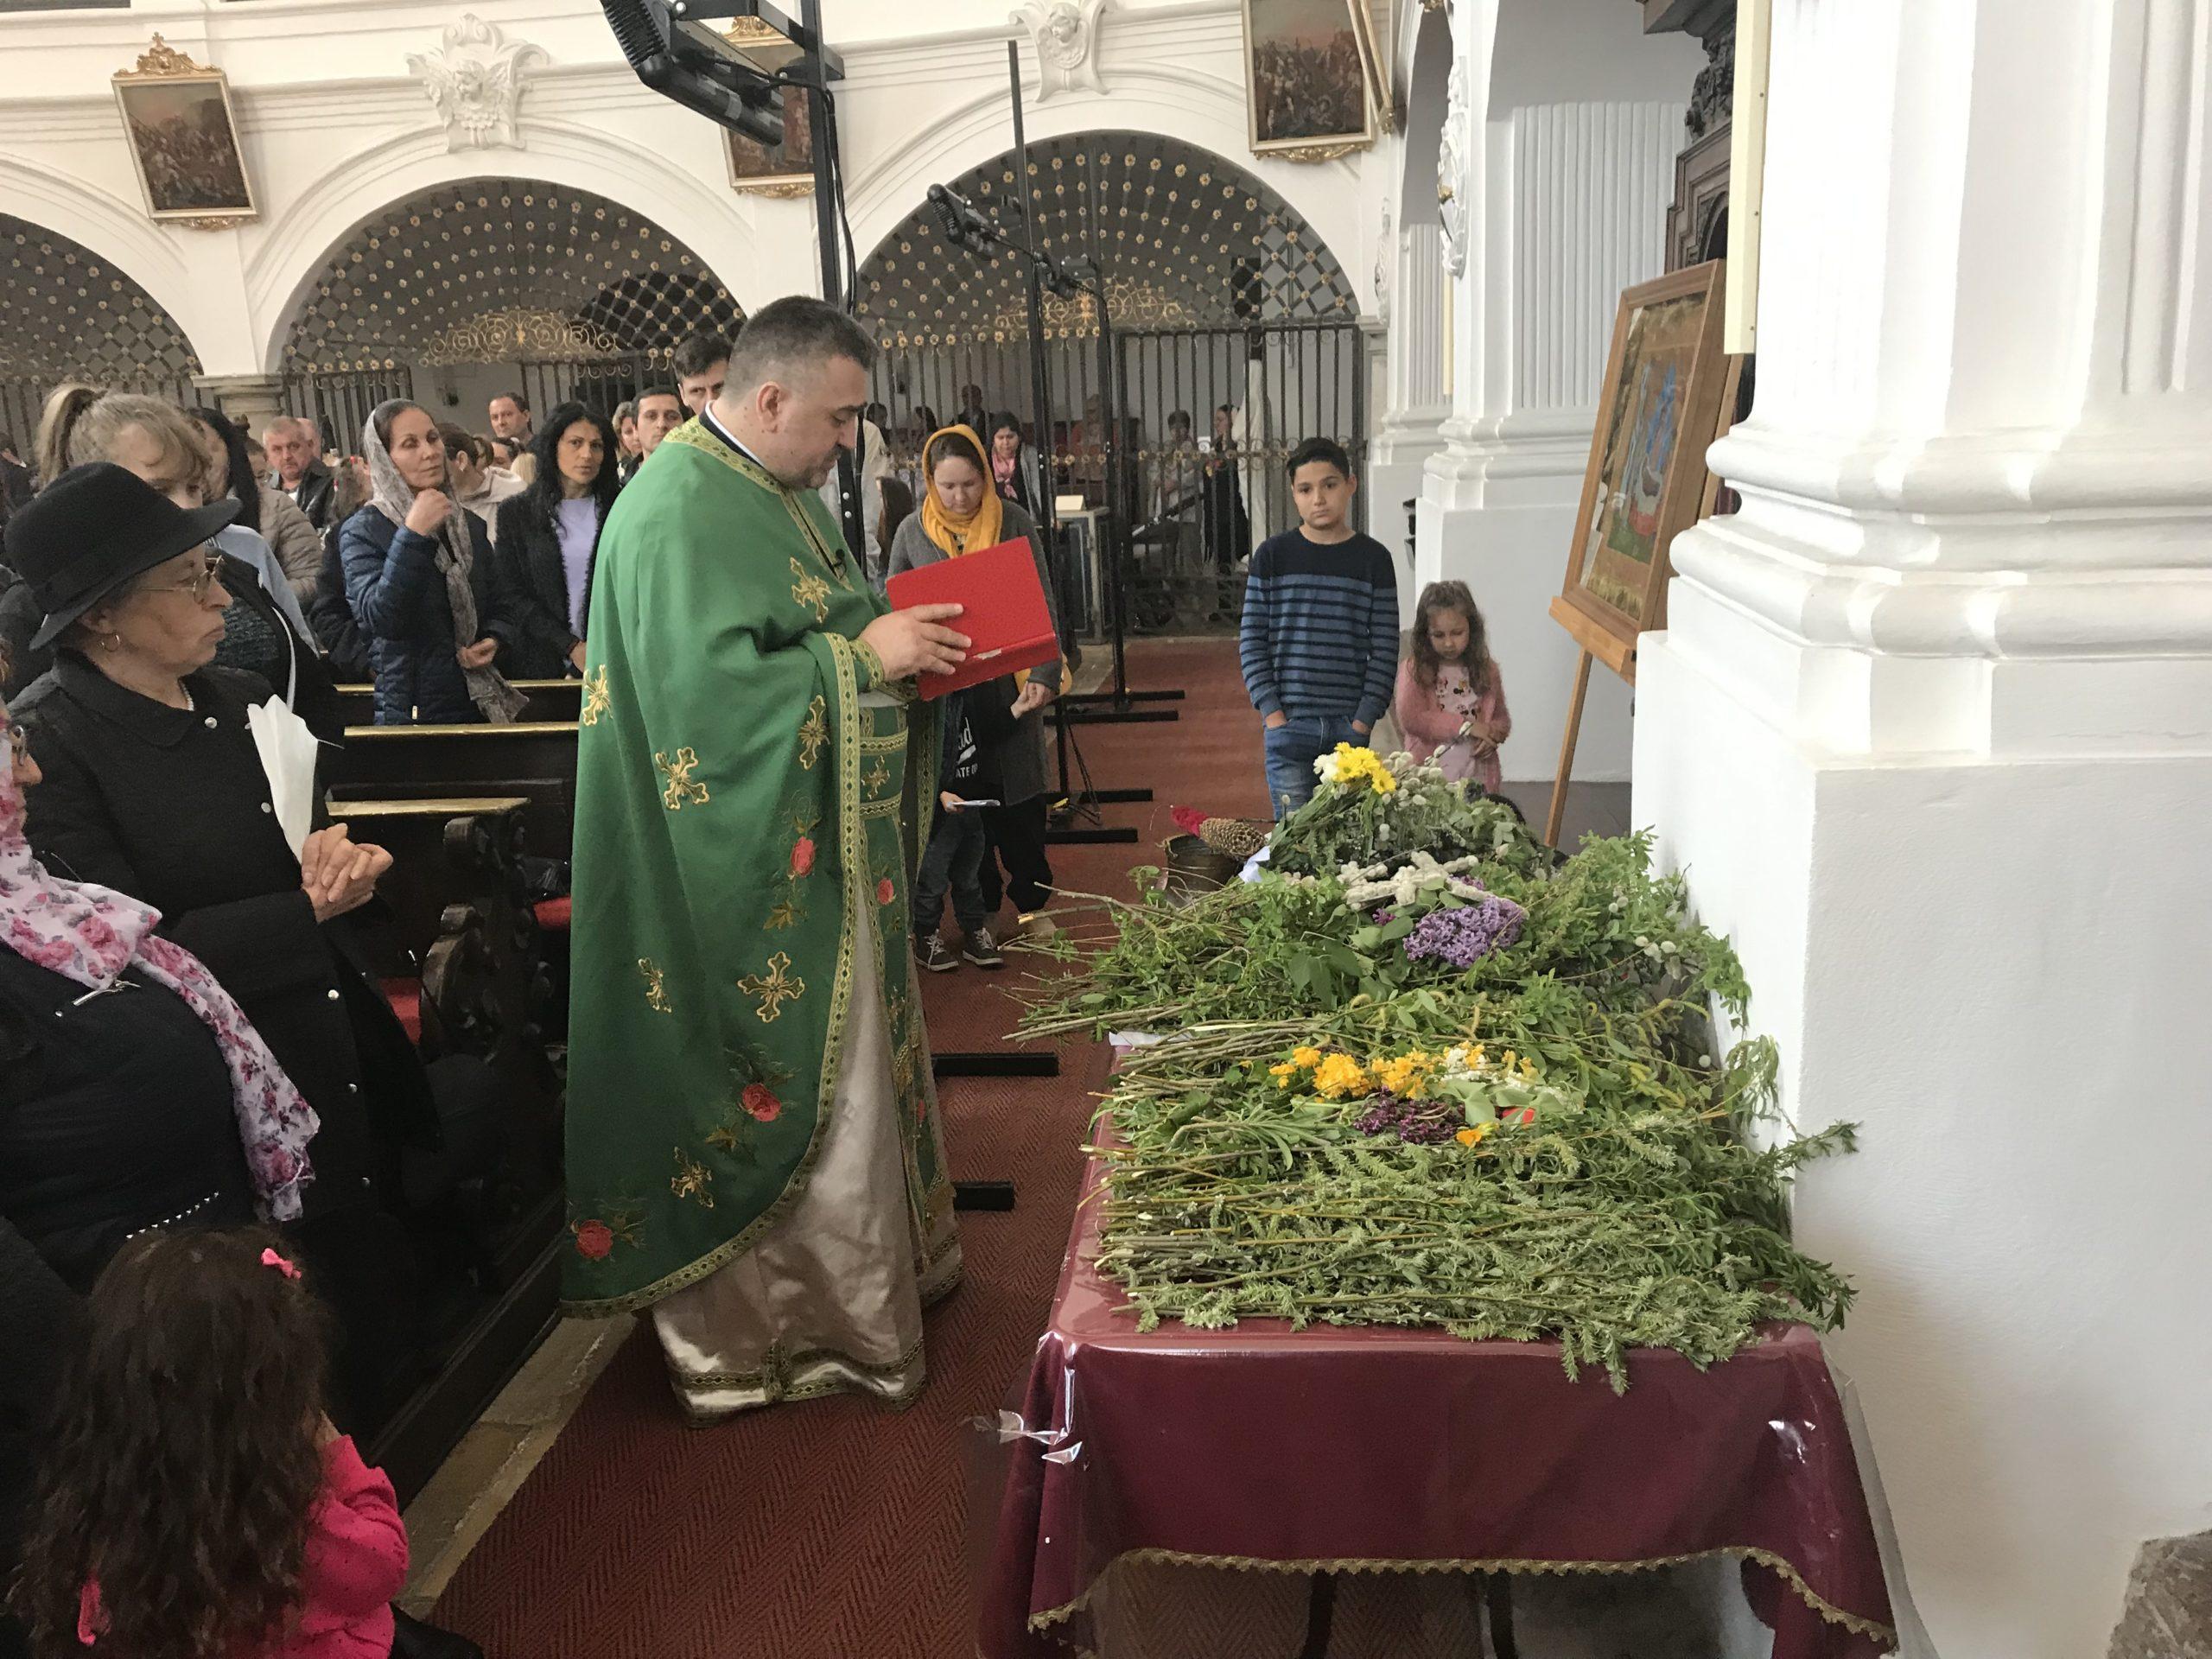 Biserica noastră din Straubing va fi deschisă de Florii şi de Paşti!